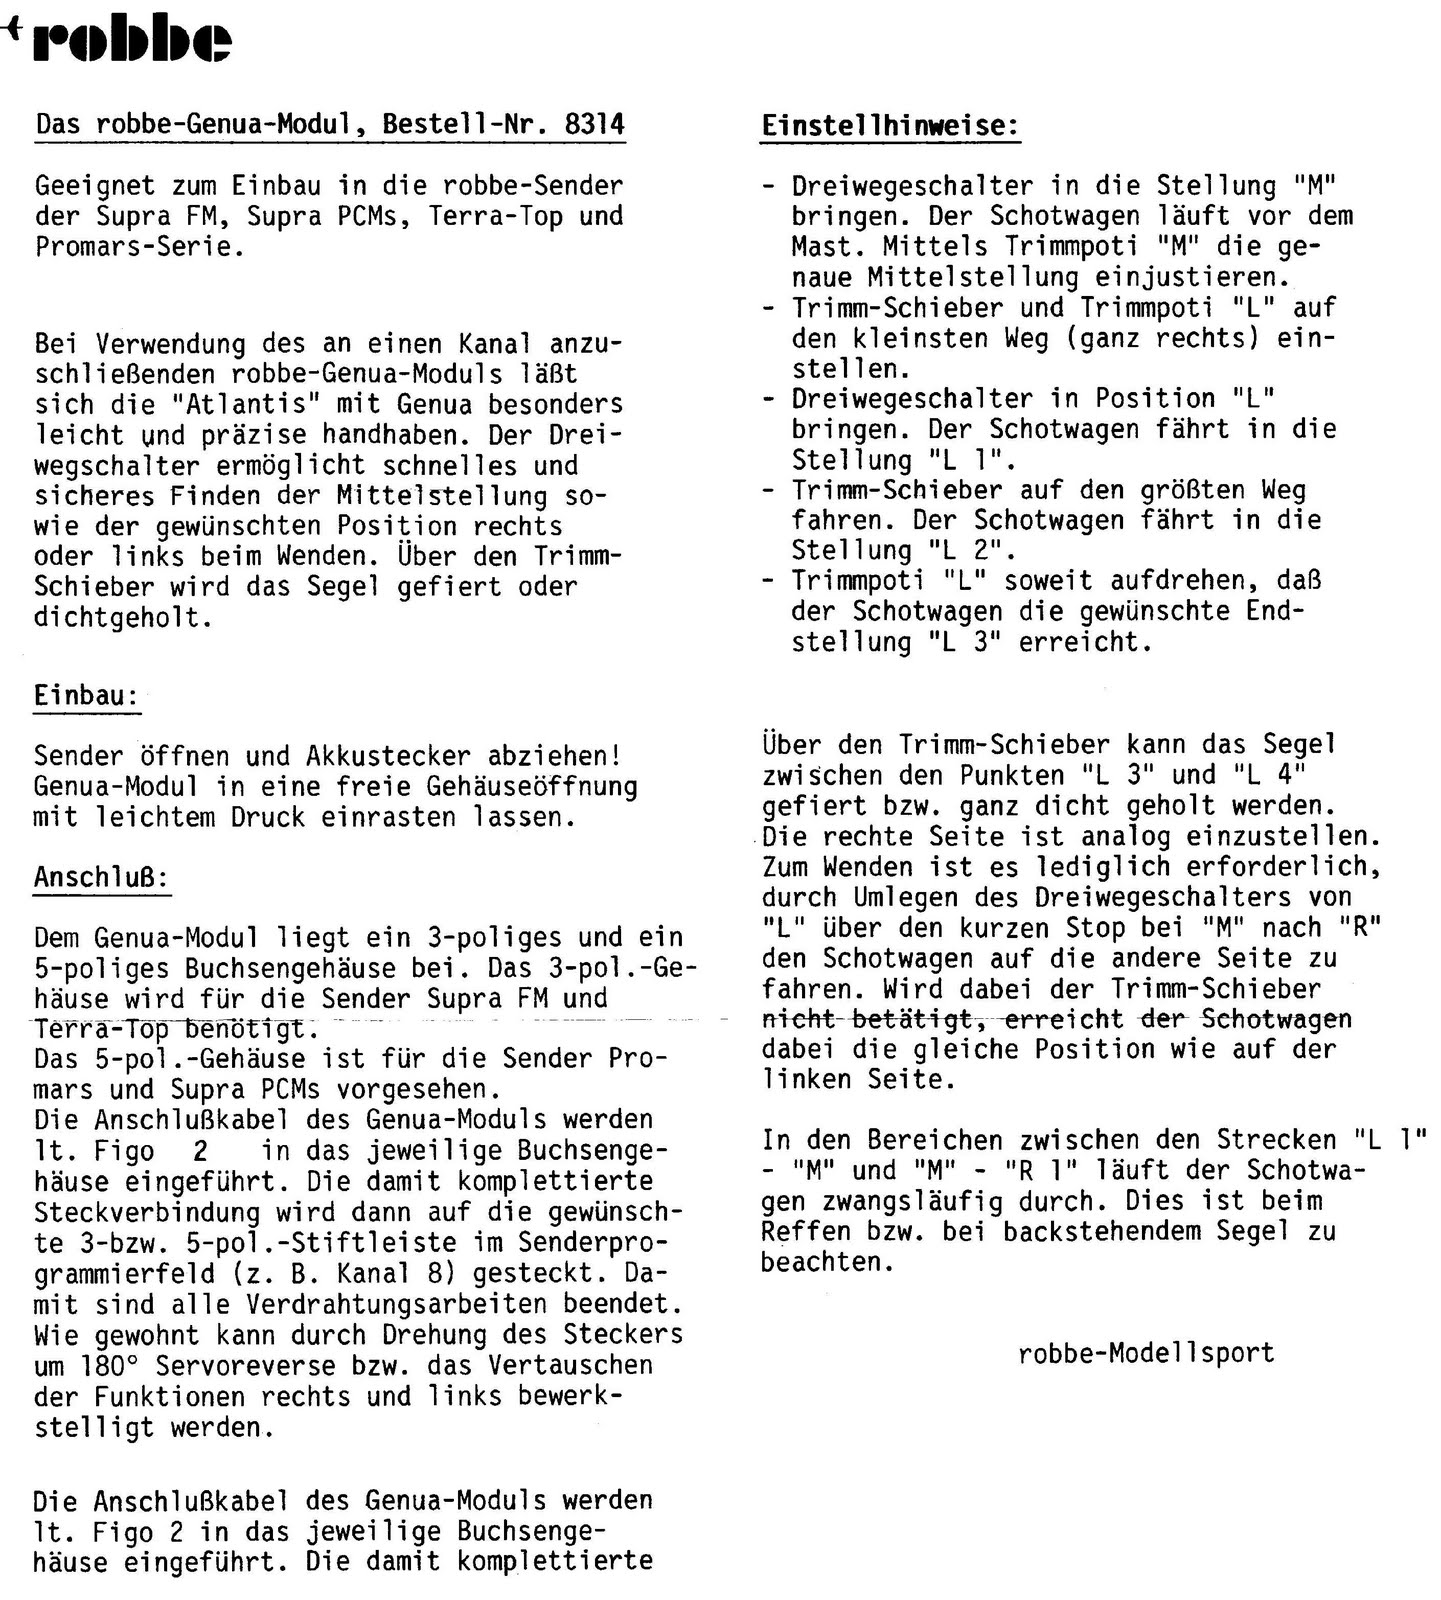 Charmant Was Ist Ein Drei Wege Schalter Ideen - Die Besten ...